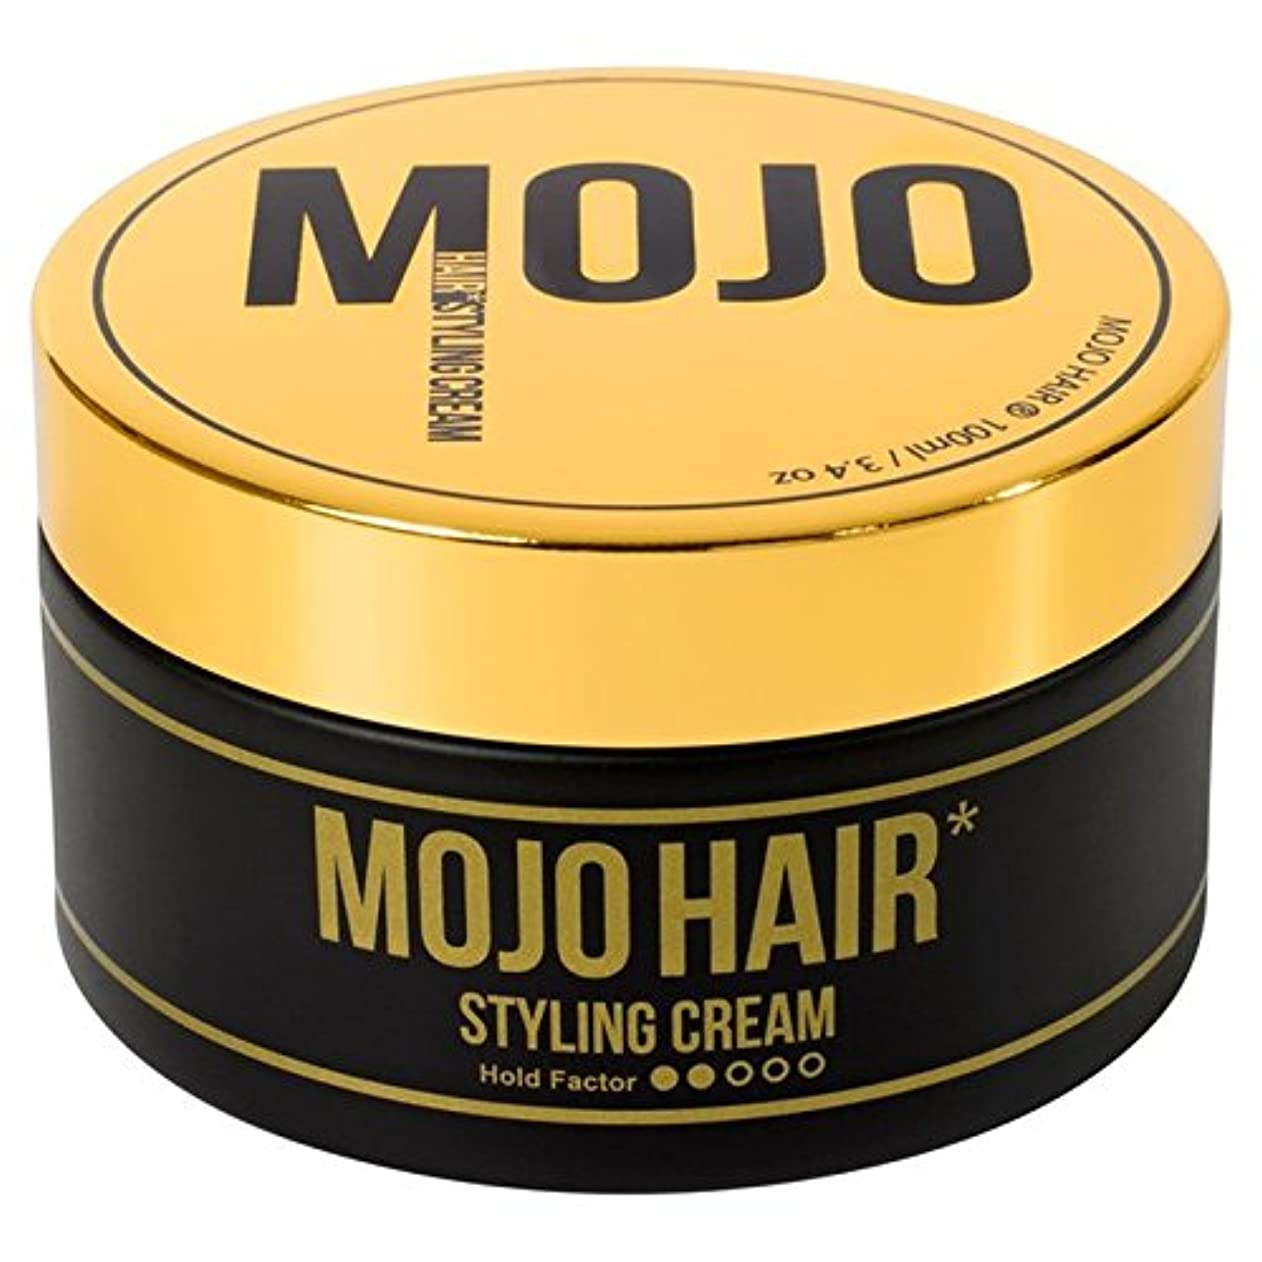 色ギャラリー男性MOJO HAIR Styling Cream for Men 100ml - 100ミリリットル男性のためのモジョのヘアスタイリングクリーム [並行輸入品]